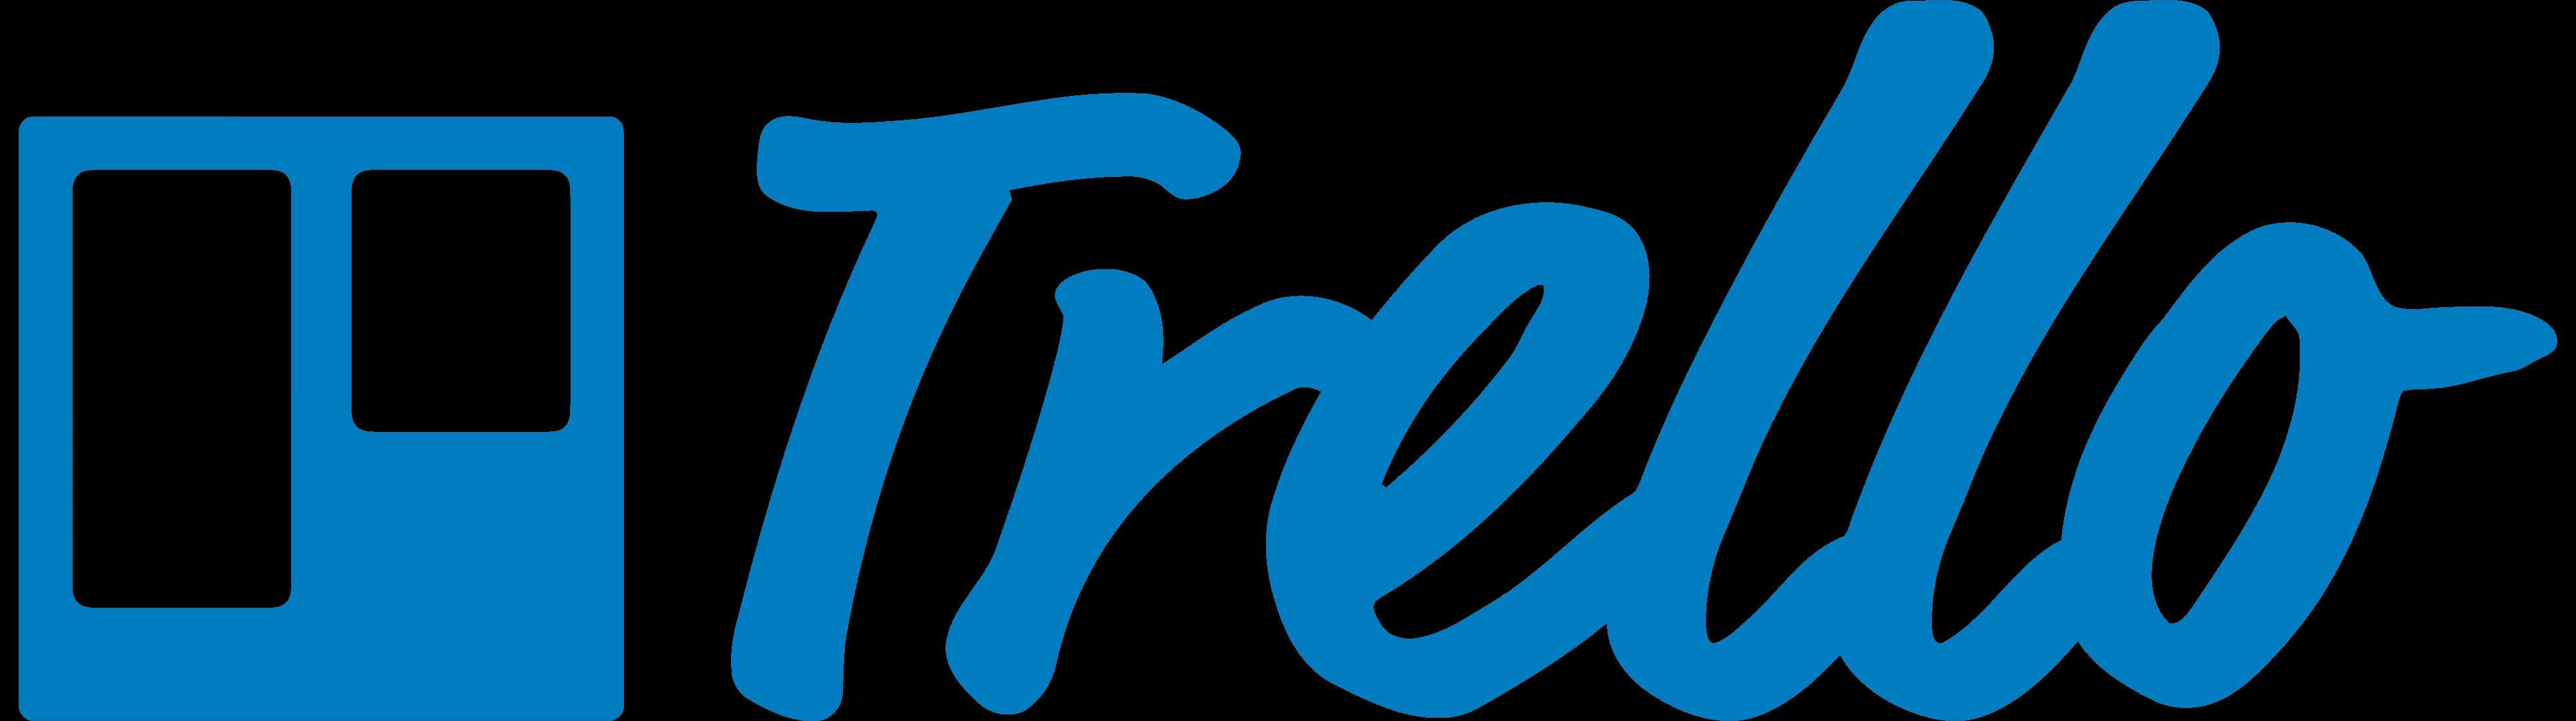 trello logo.png